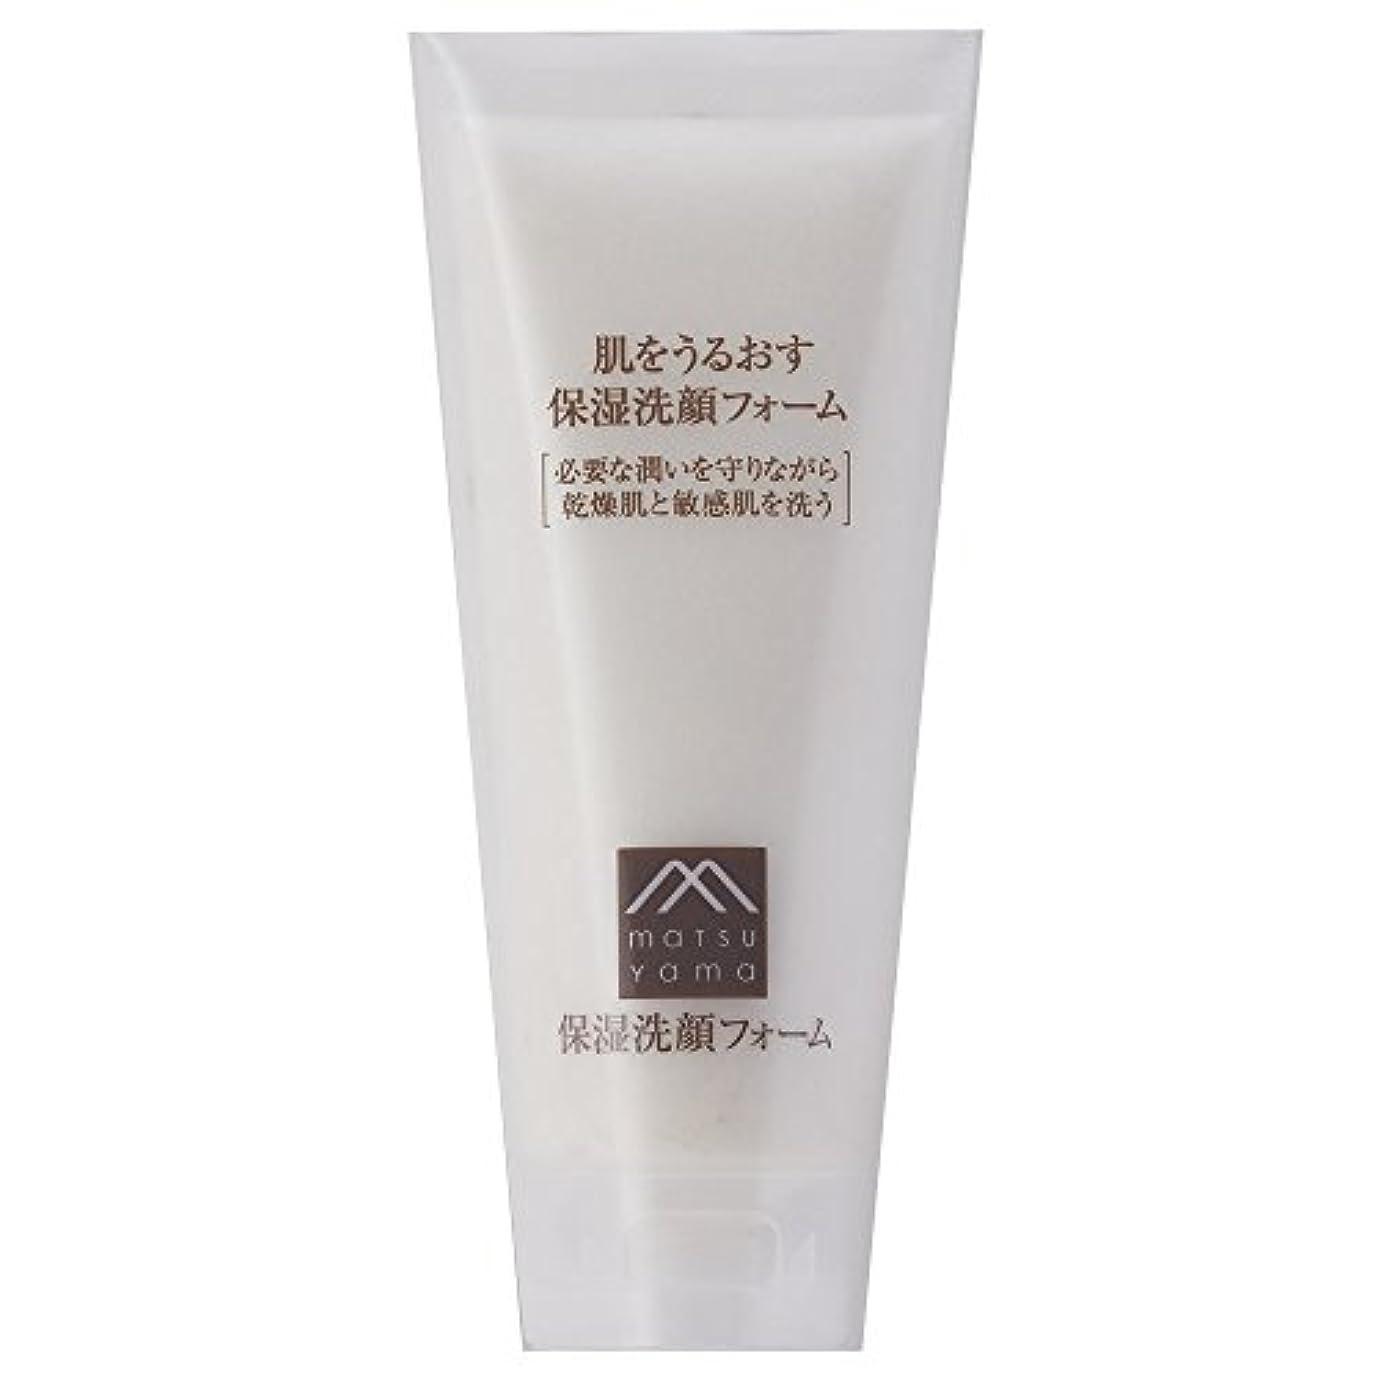 会うのために不調和肌をうるおす保湿洗顔フォーム(洗顔料) [乾燥肌 敏感肌]